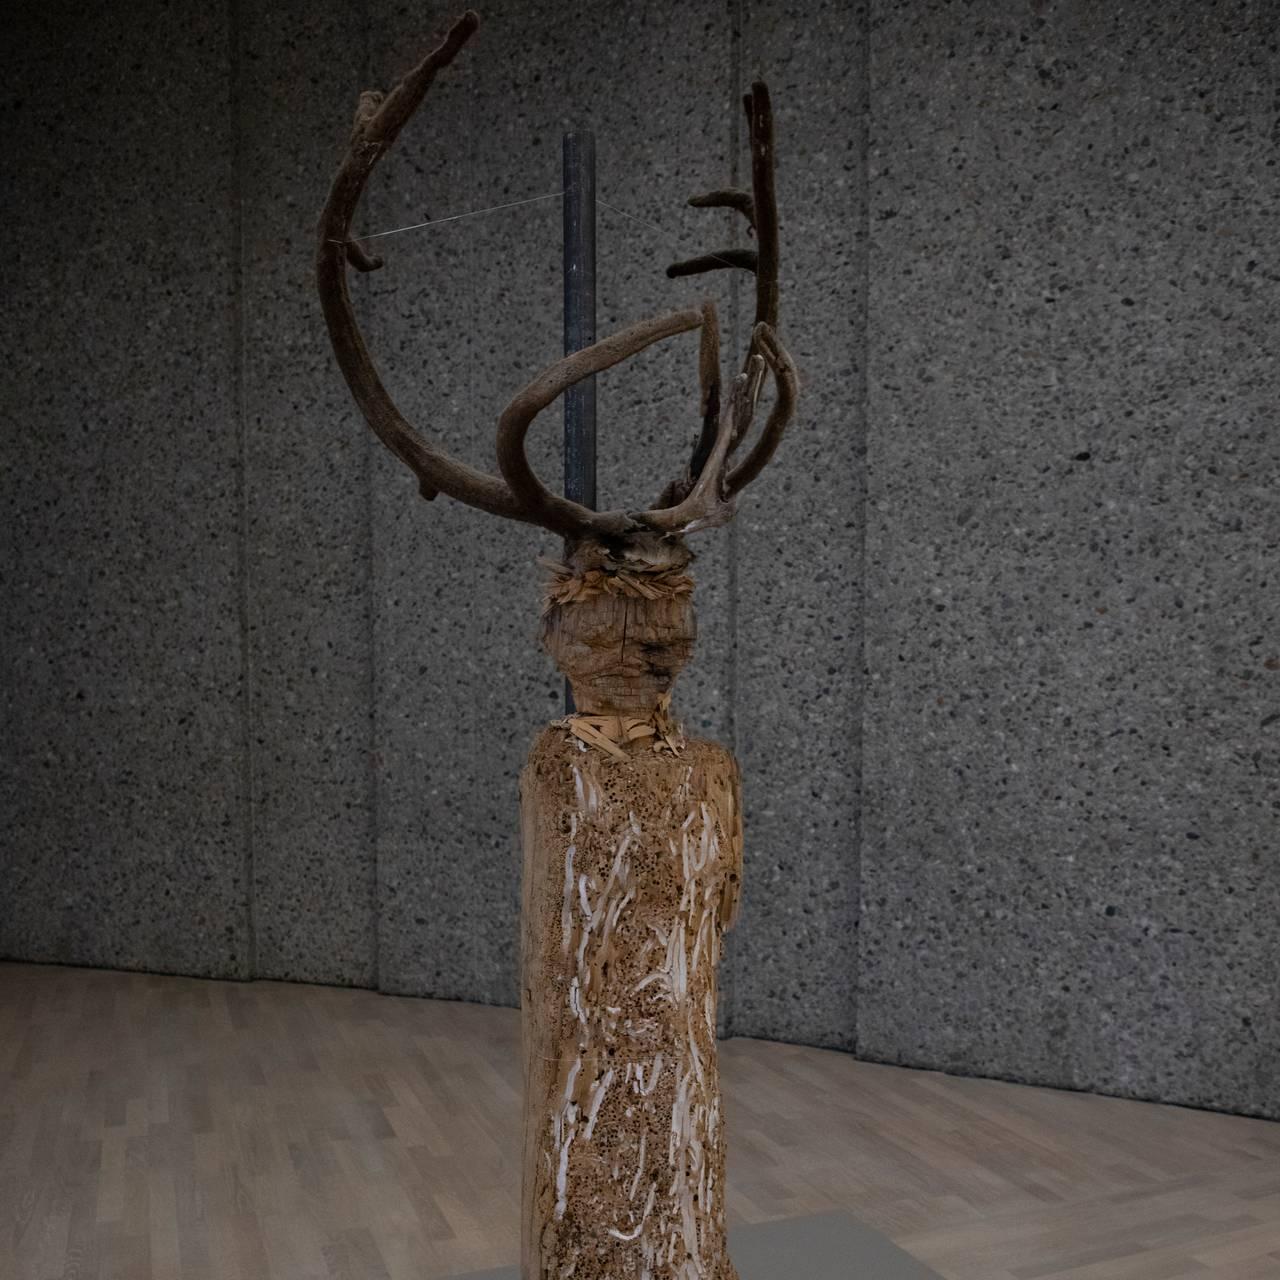 Reinhorn på Áillohaš-utstilling ved Henie Onstad-museet